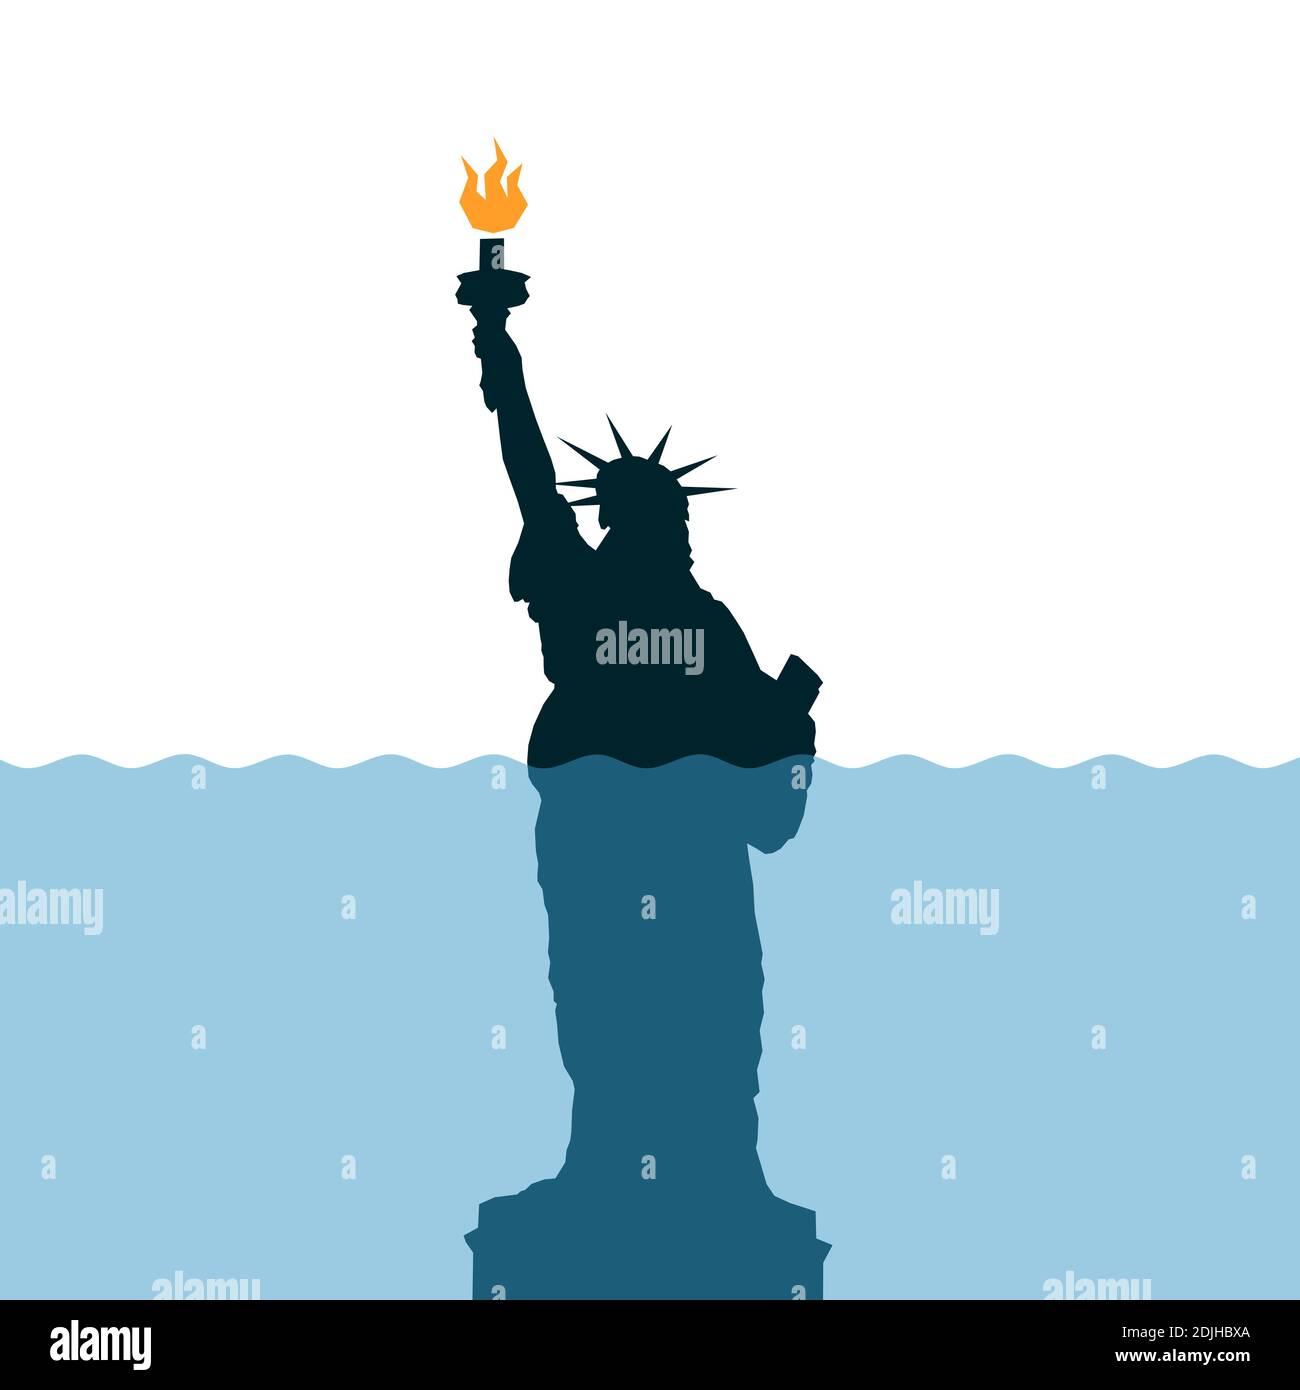 El nivel del mar se está levantando alrededor de la Estatua de la Libertad - calentamiento global y la matanza climática / metáfora del deterioro, la decadencia y el fracaso de los Estados Unidos de am Foto de stock